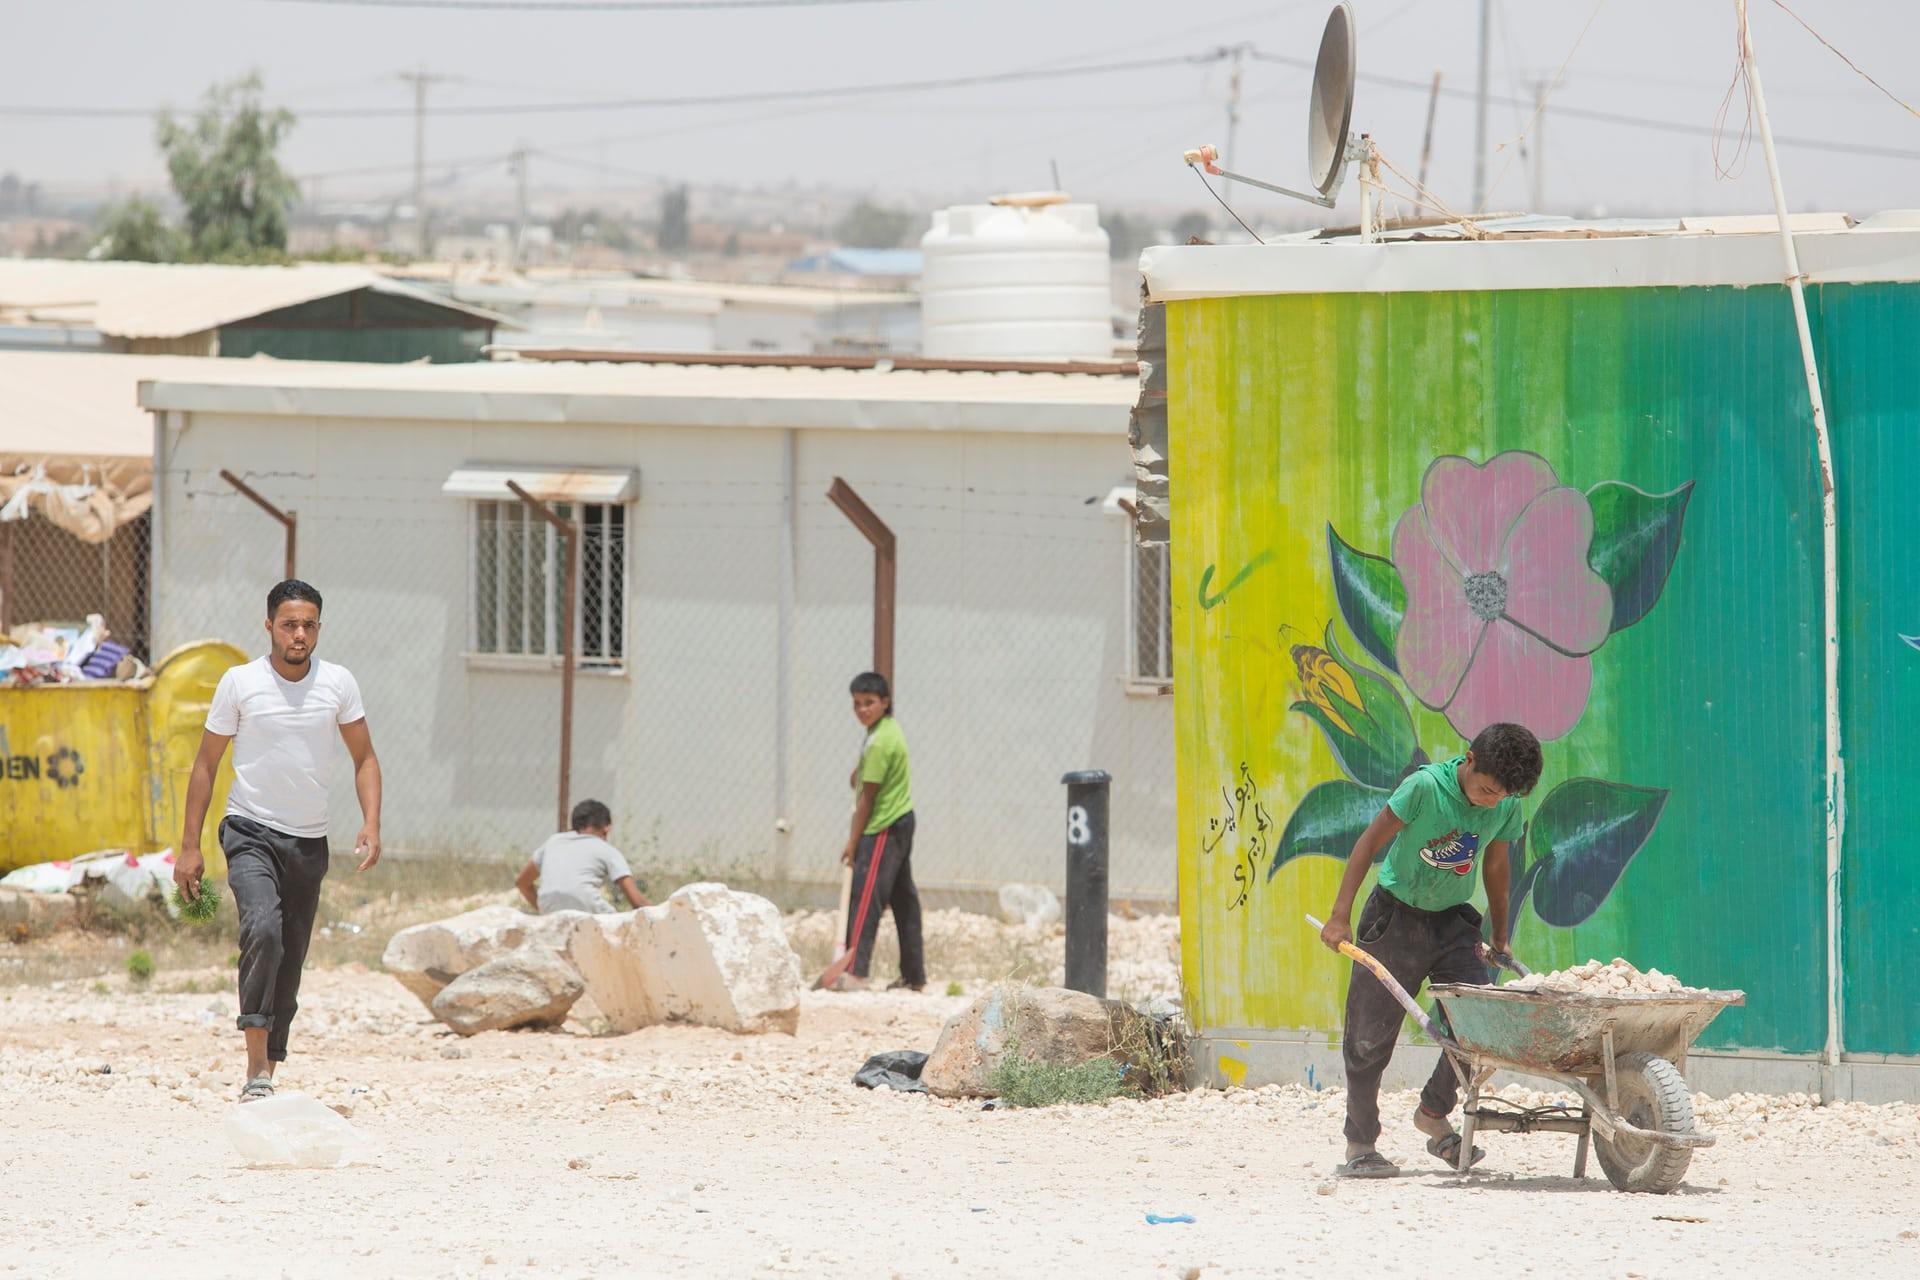 معضل بازماندگی از تحصیل کودکان سوری در اردوگاه زعتری